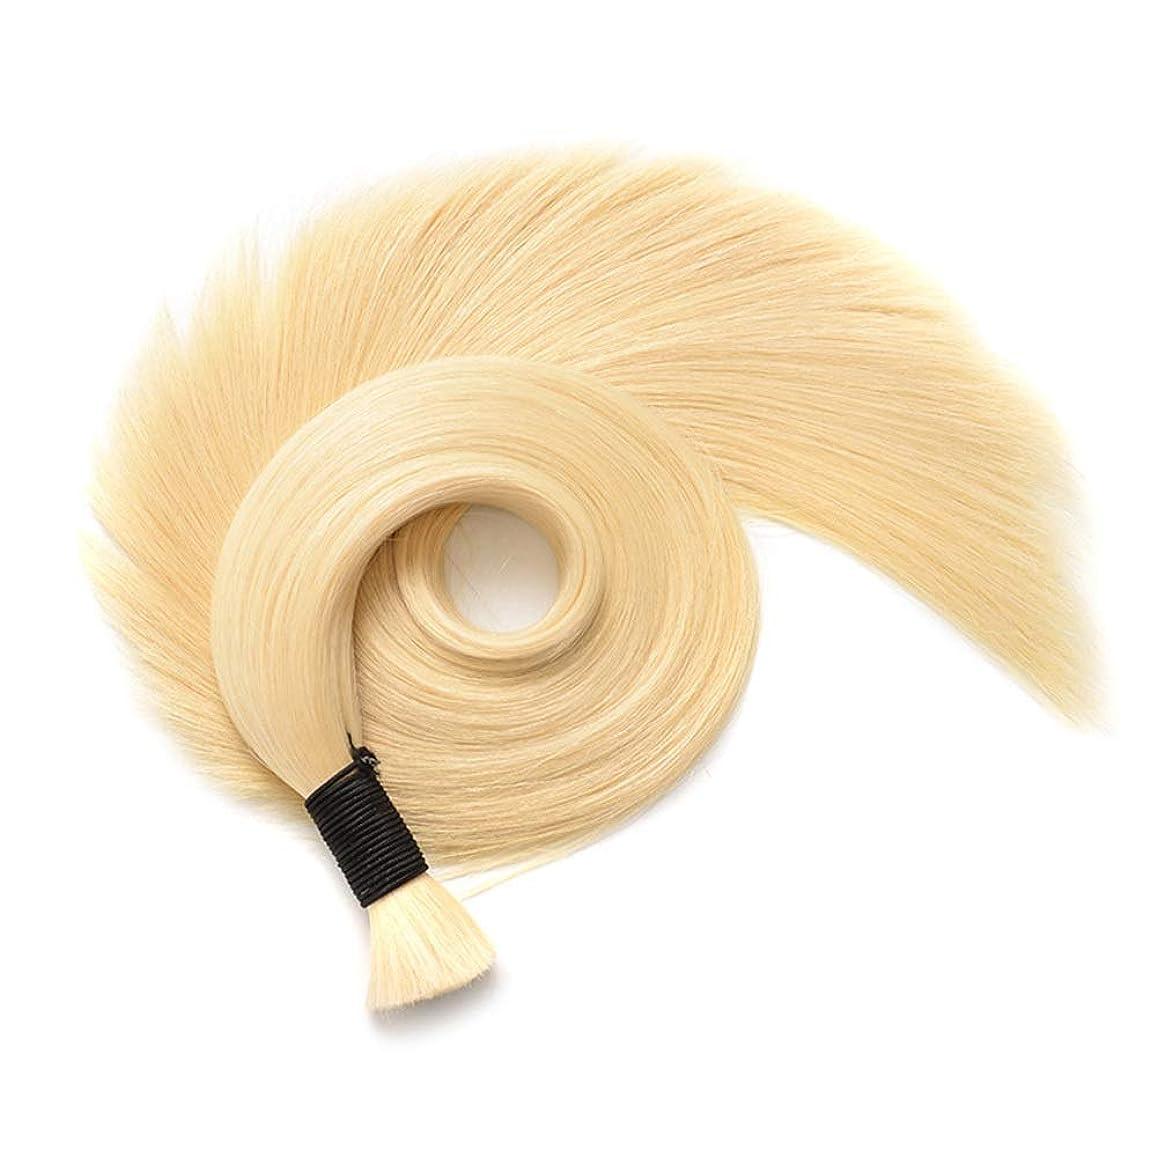 追放する下る閉塞JULYTER 華麗なブロンドの人間の毛髪延長剤曲がりくねったナノリングヘアエクステンション50g /パッケージ (色 : 70cm)